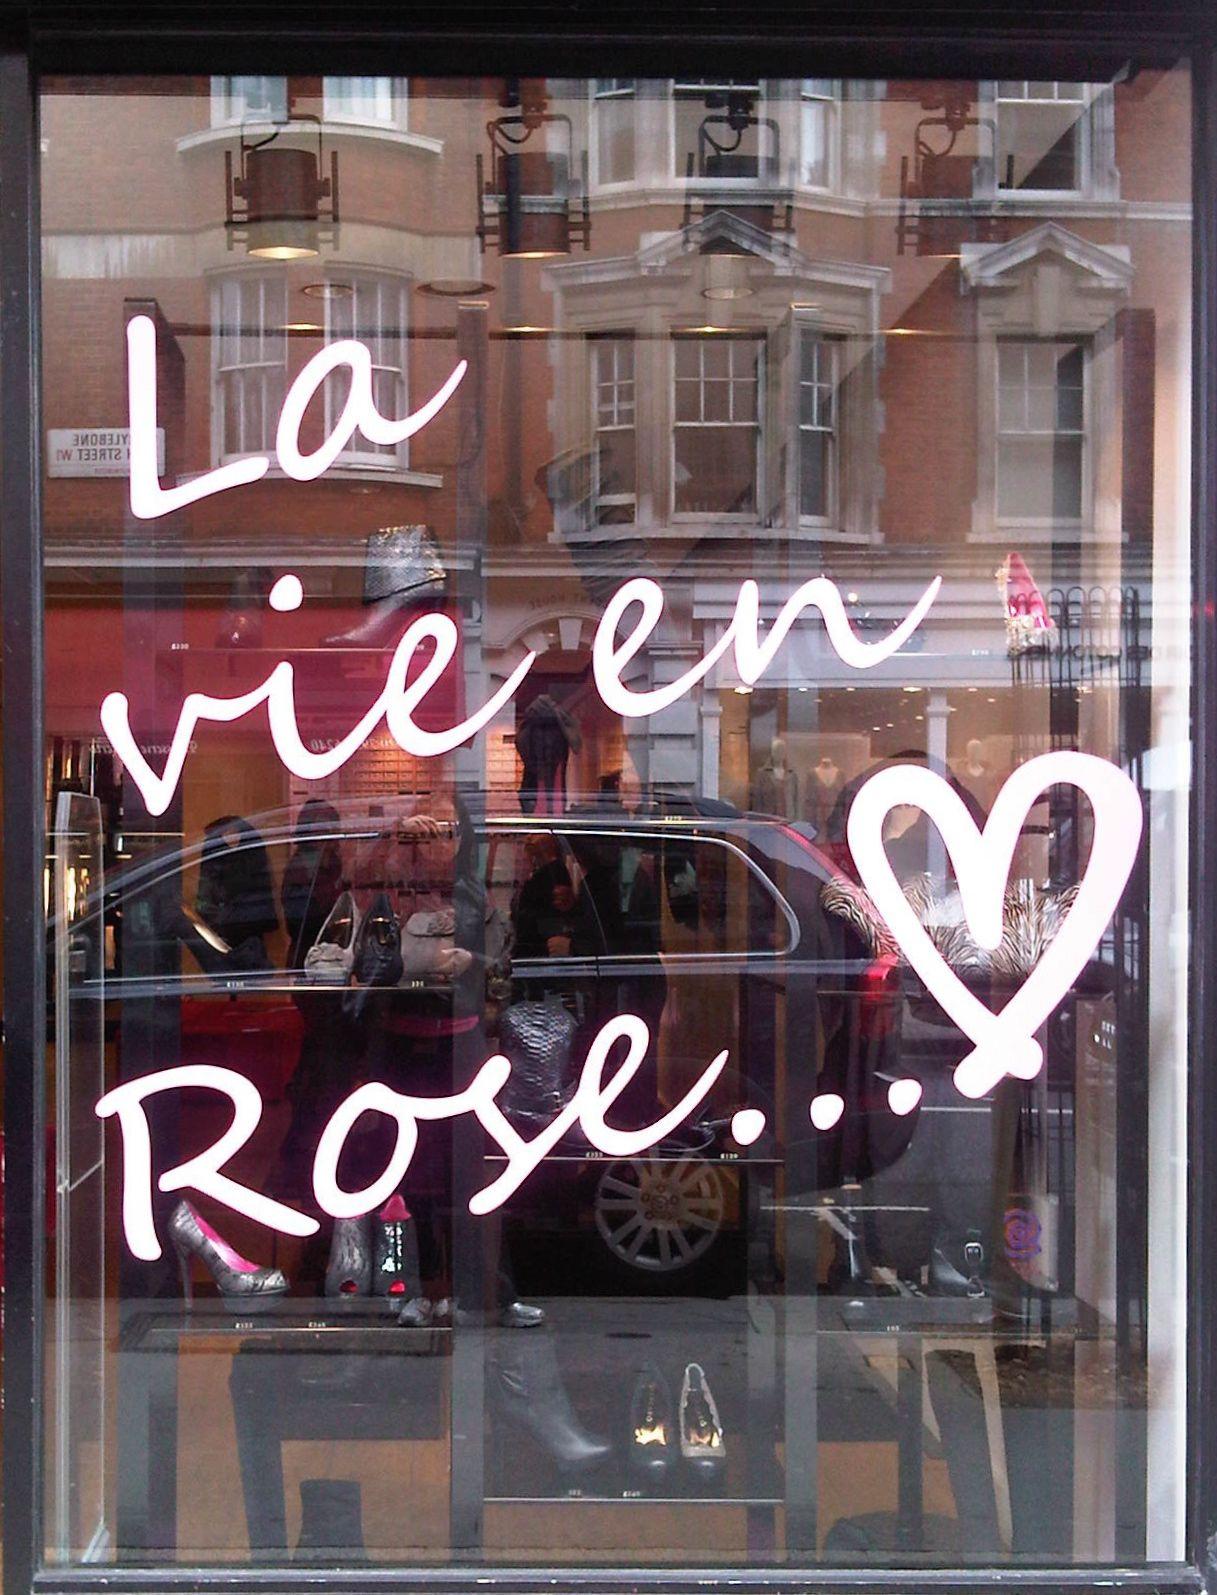 ♫ La-la-la Bonne vie ♪ #MissKL and #SpringtimeinParis